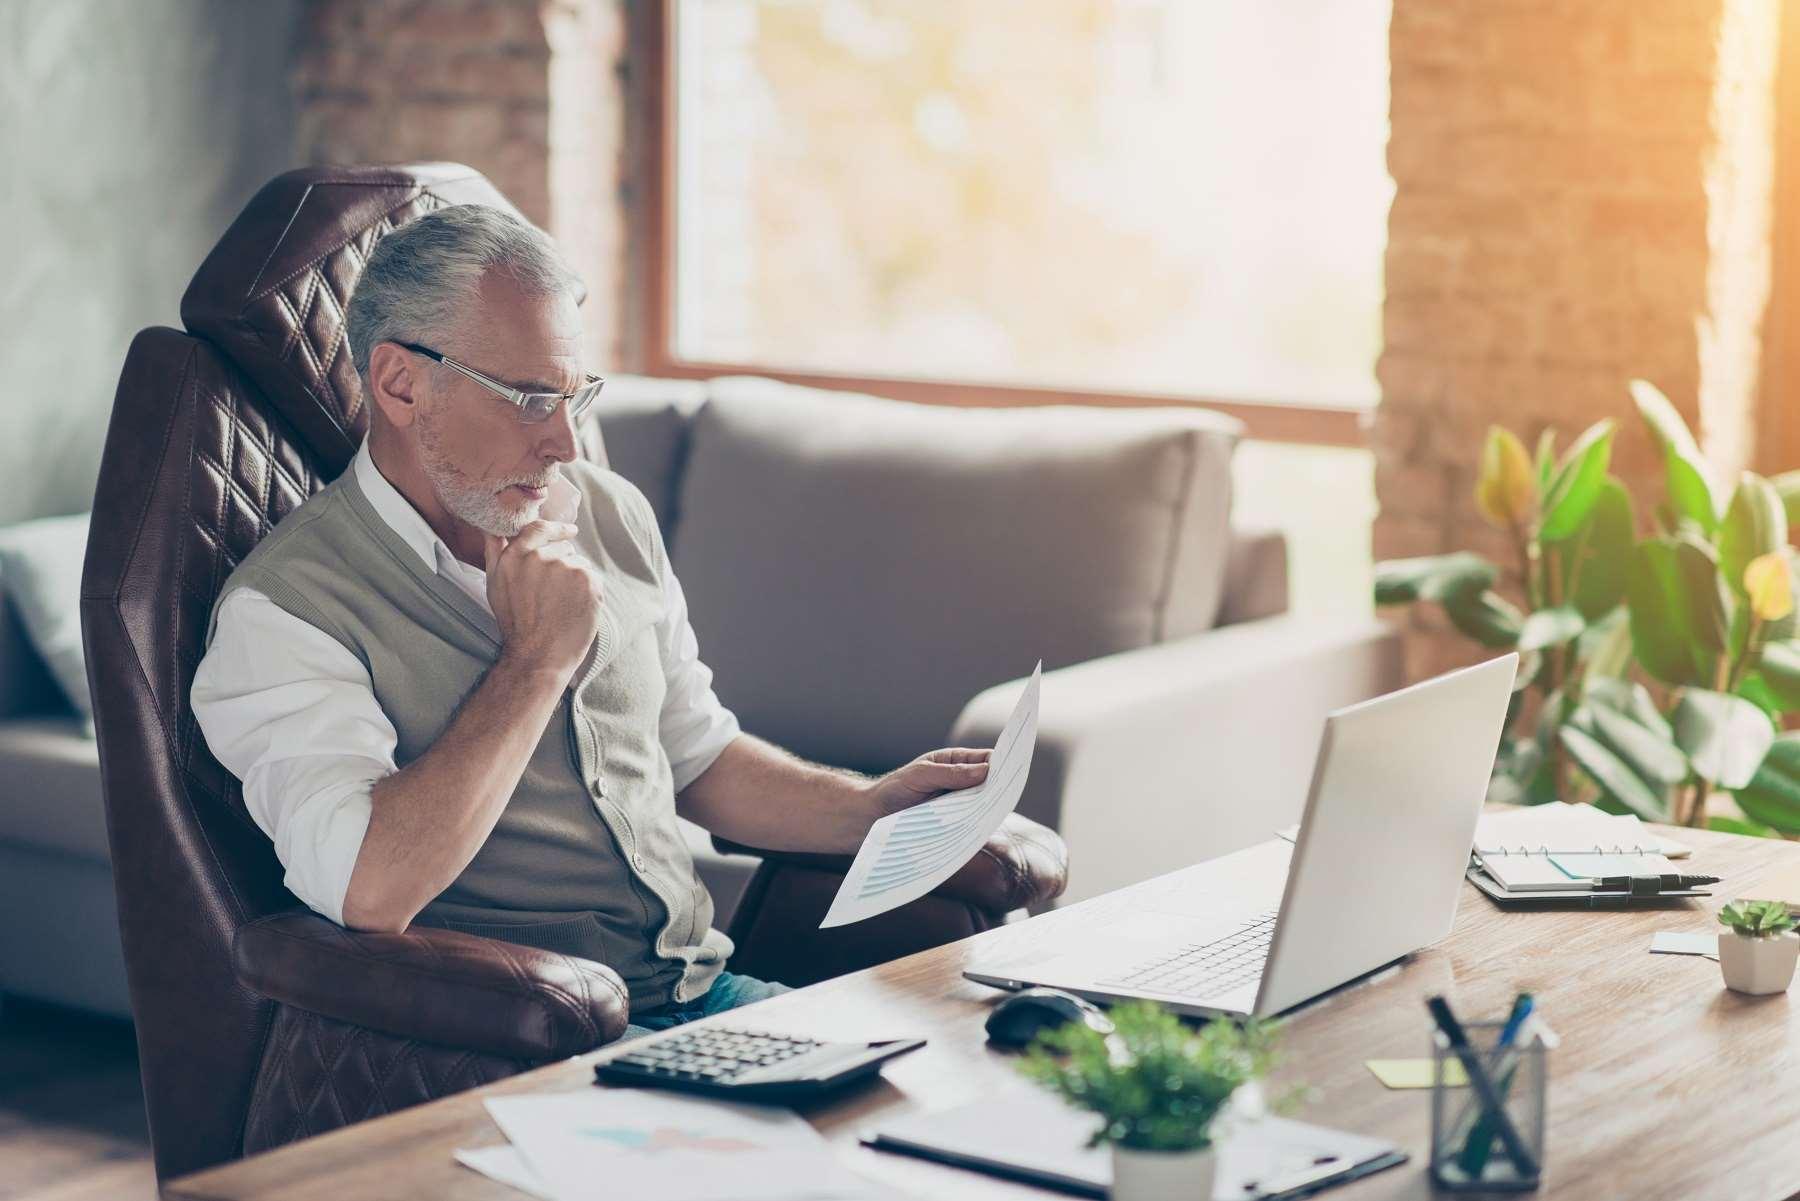 Ochrona przedemerytalna pracowników – komu przysługuje okres ochrony przed emeryturą?